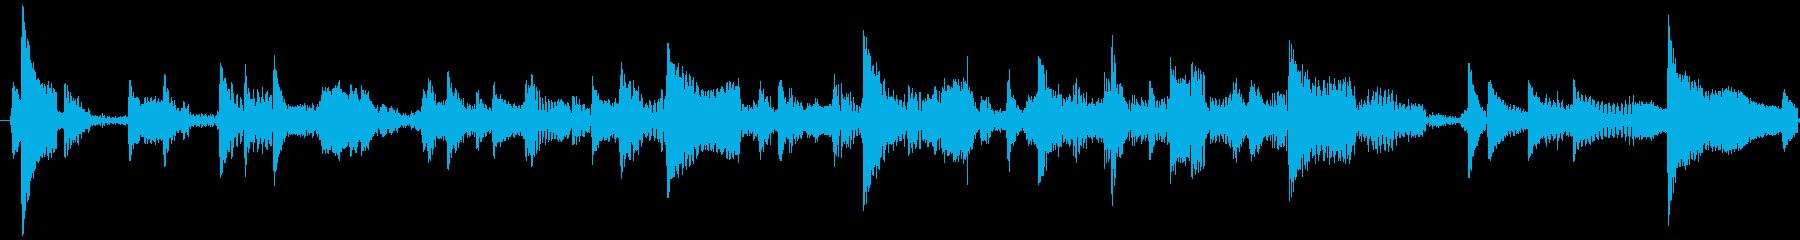 電話6の再生済みの波形